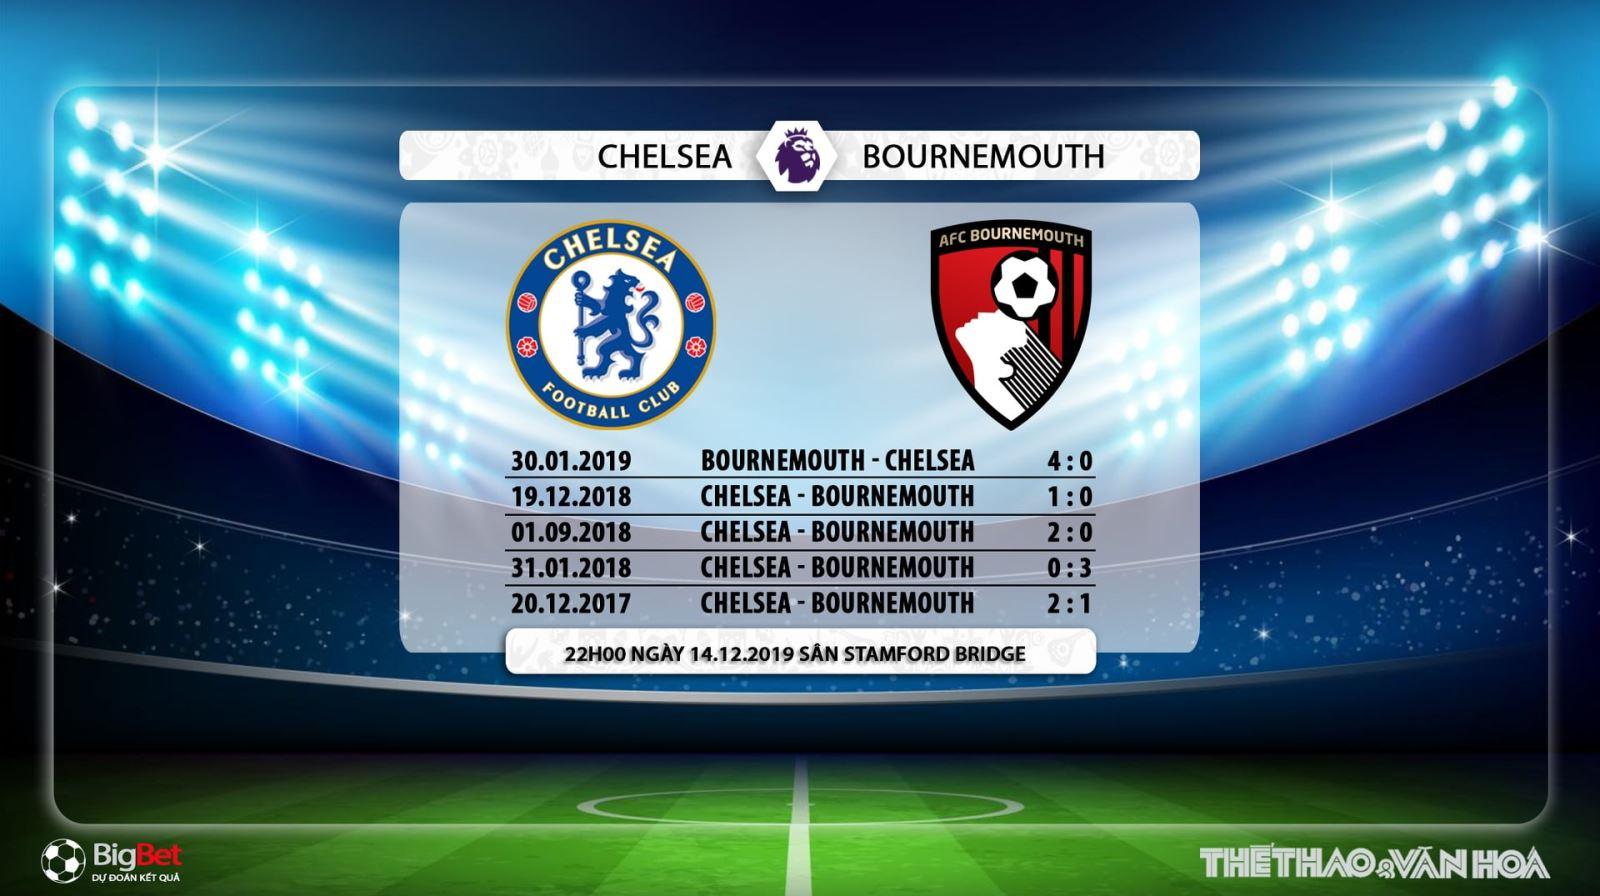 Chelsea vs Bournemouth, bóng đá, bong da, trực tiếp Chelsea vs Bournemouth, lịch thi đấu bóng đá, Chelsea, Bournemouth, soi kèo Bournemouth, dự đoán Bournemouth